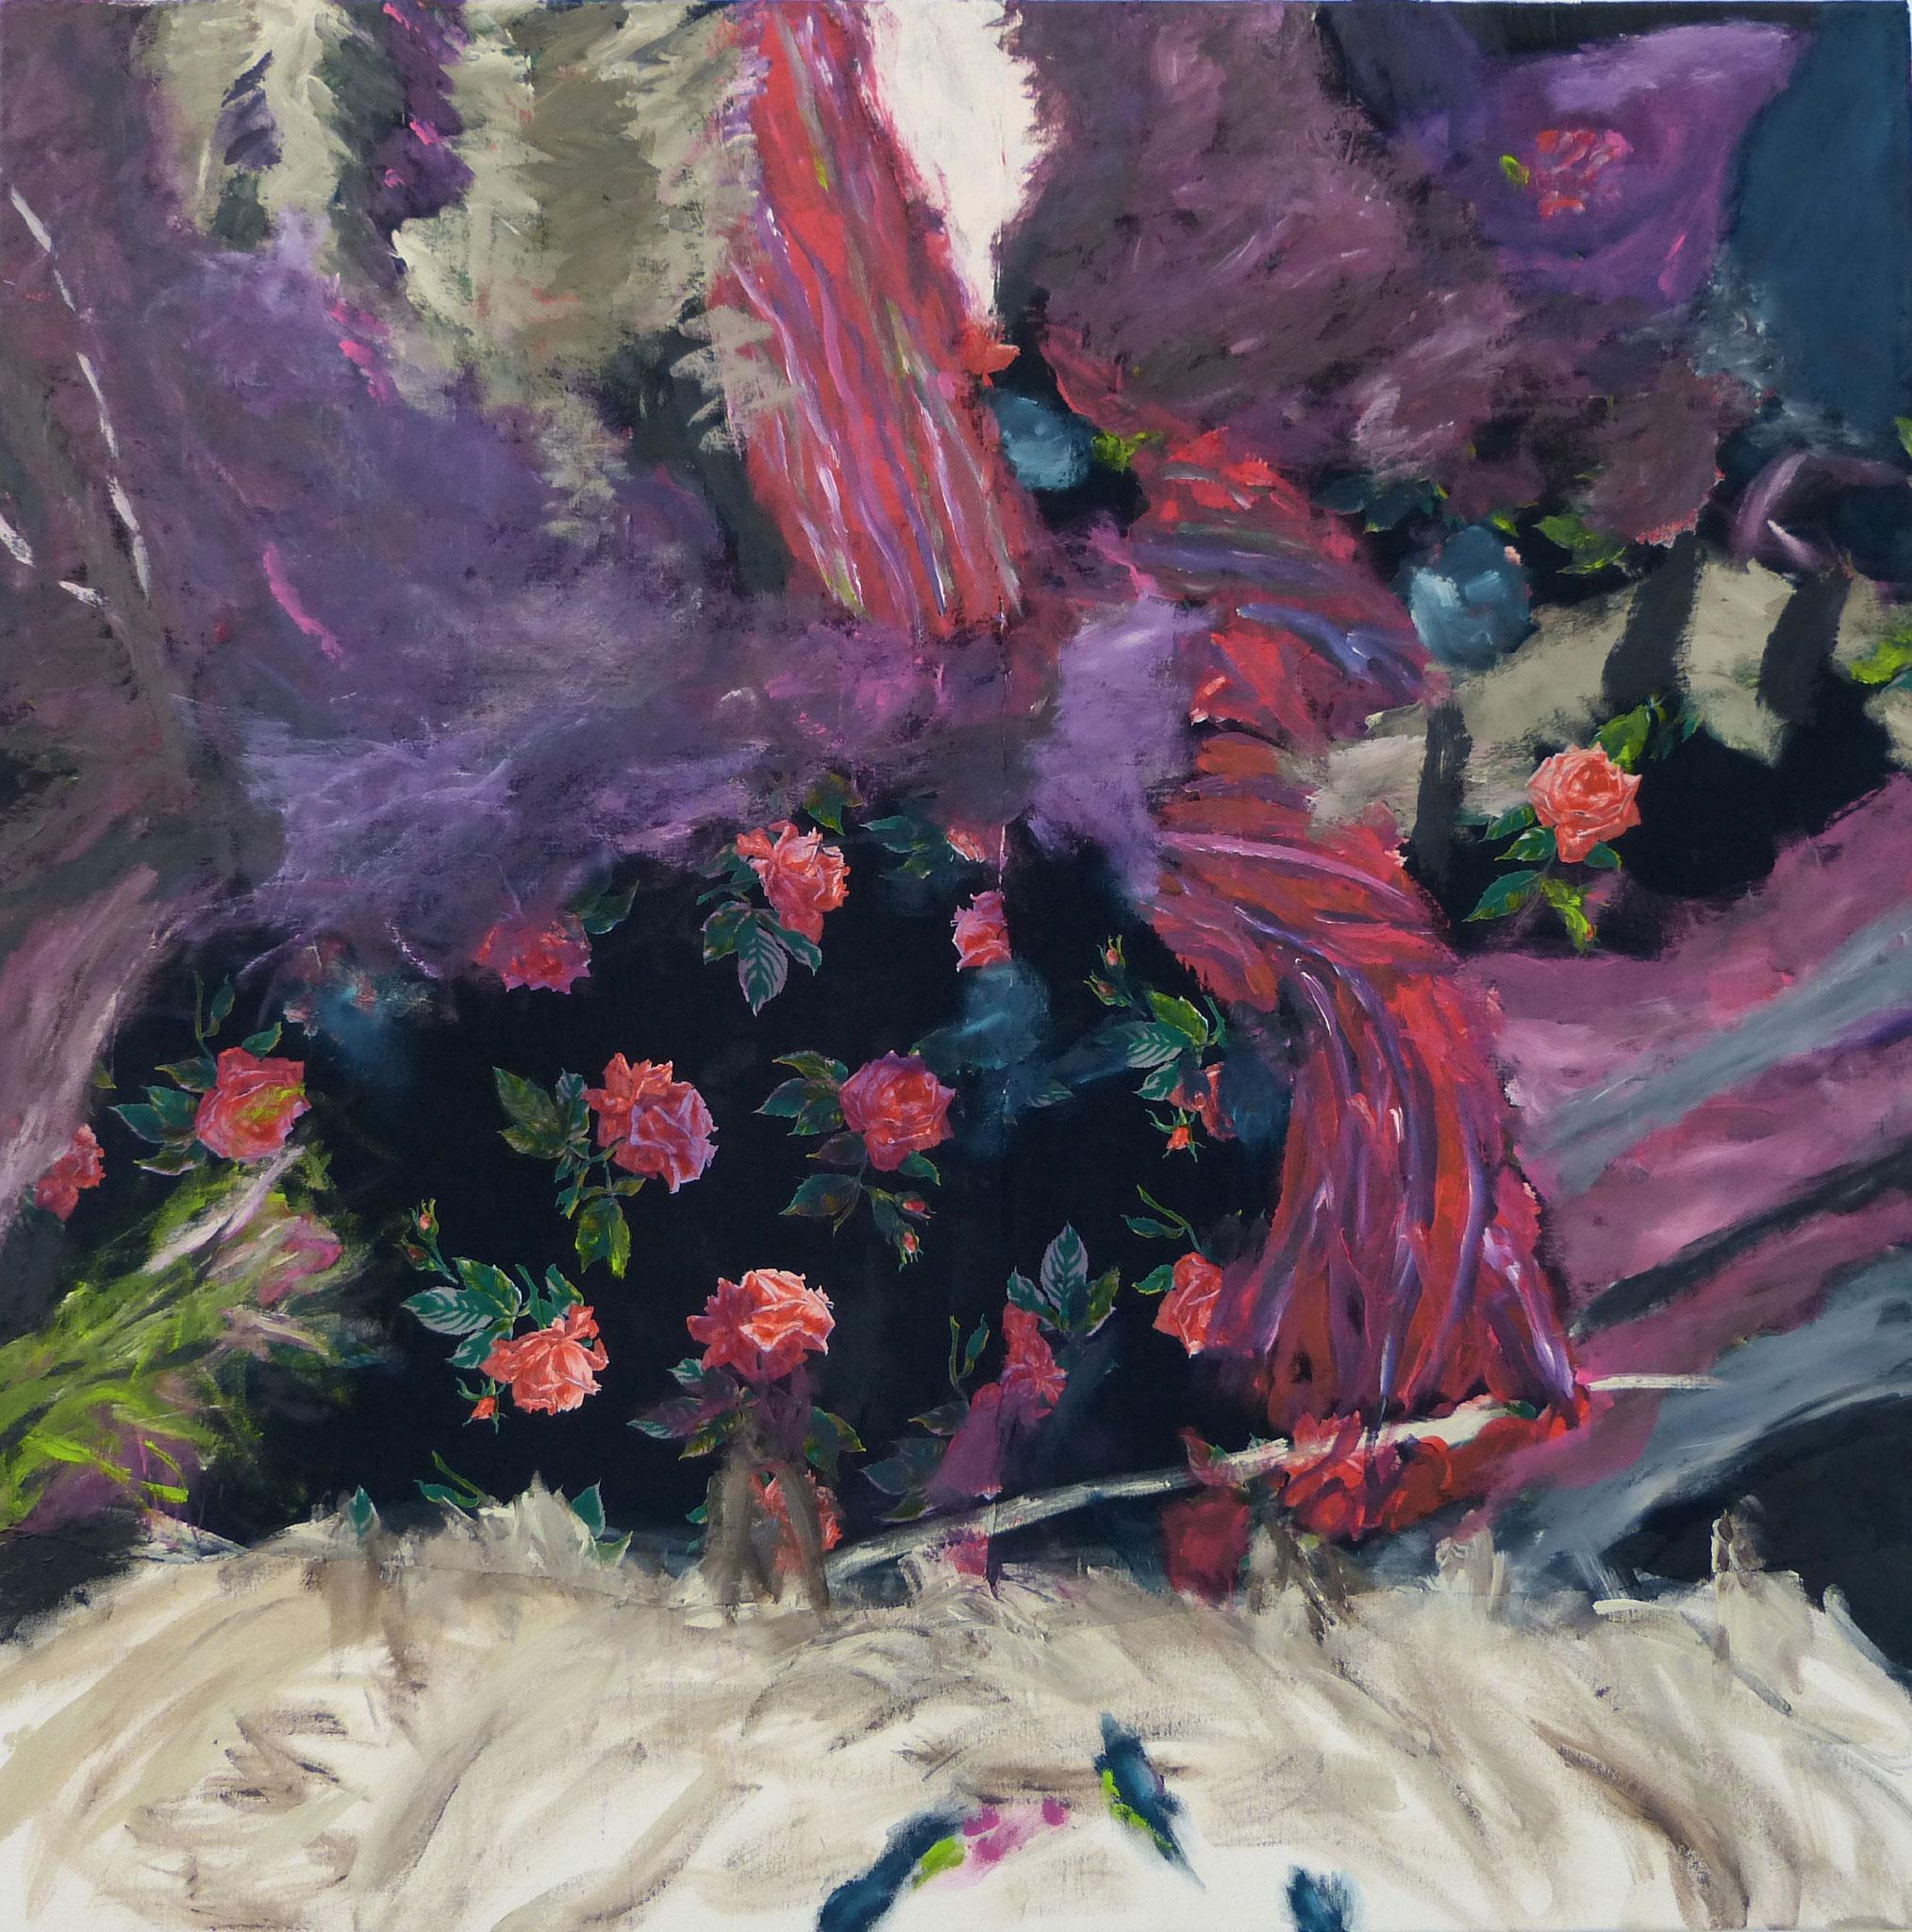 Masala 6, Acryl /Leinwand, 100 x 100 cm, 2016